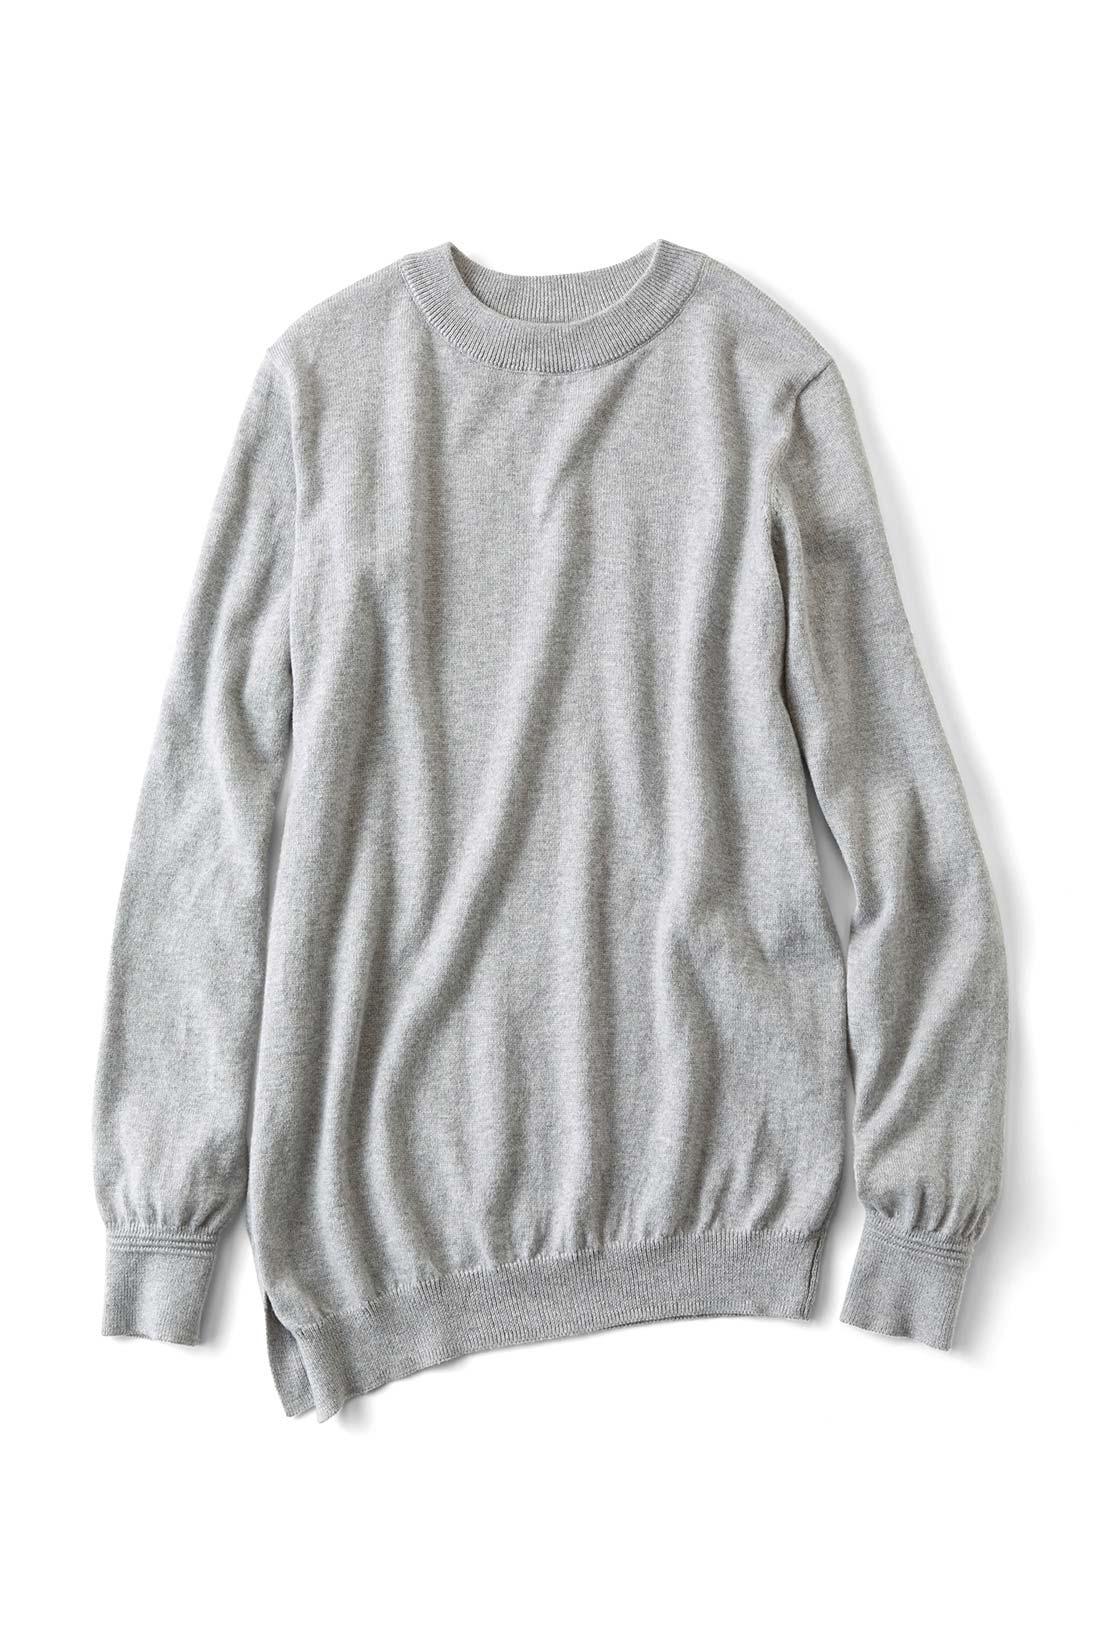 ノーブルな〈ライトグレイ〉 袖にはこだわりのタック編みでさりげないアクセント。